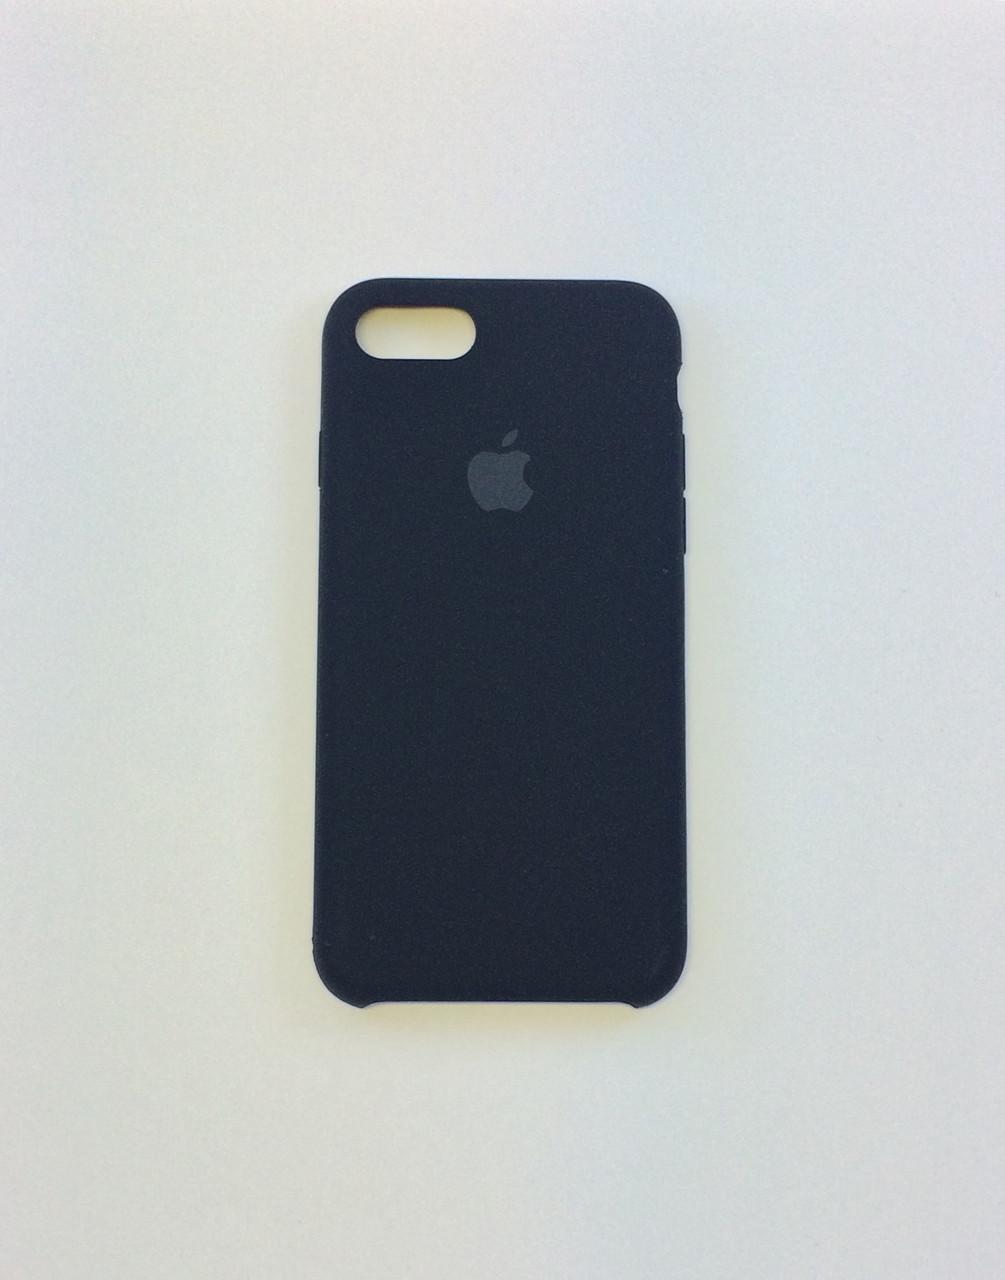 Силиконовый чехол iPhone 8, черный, copy original